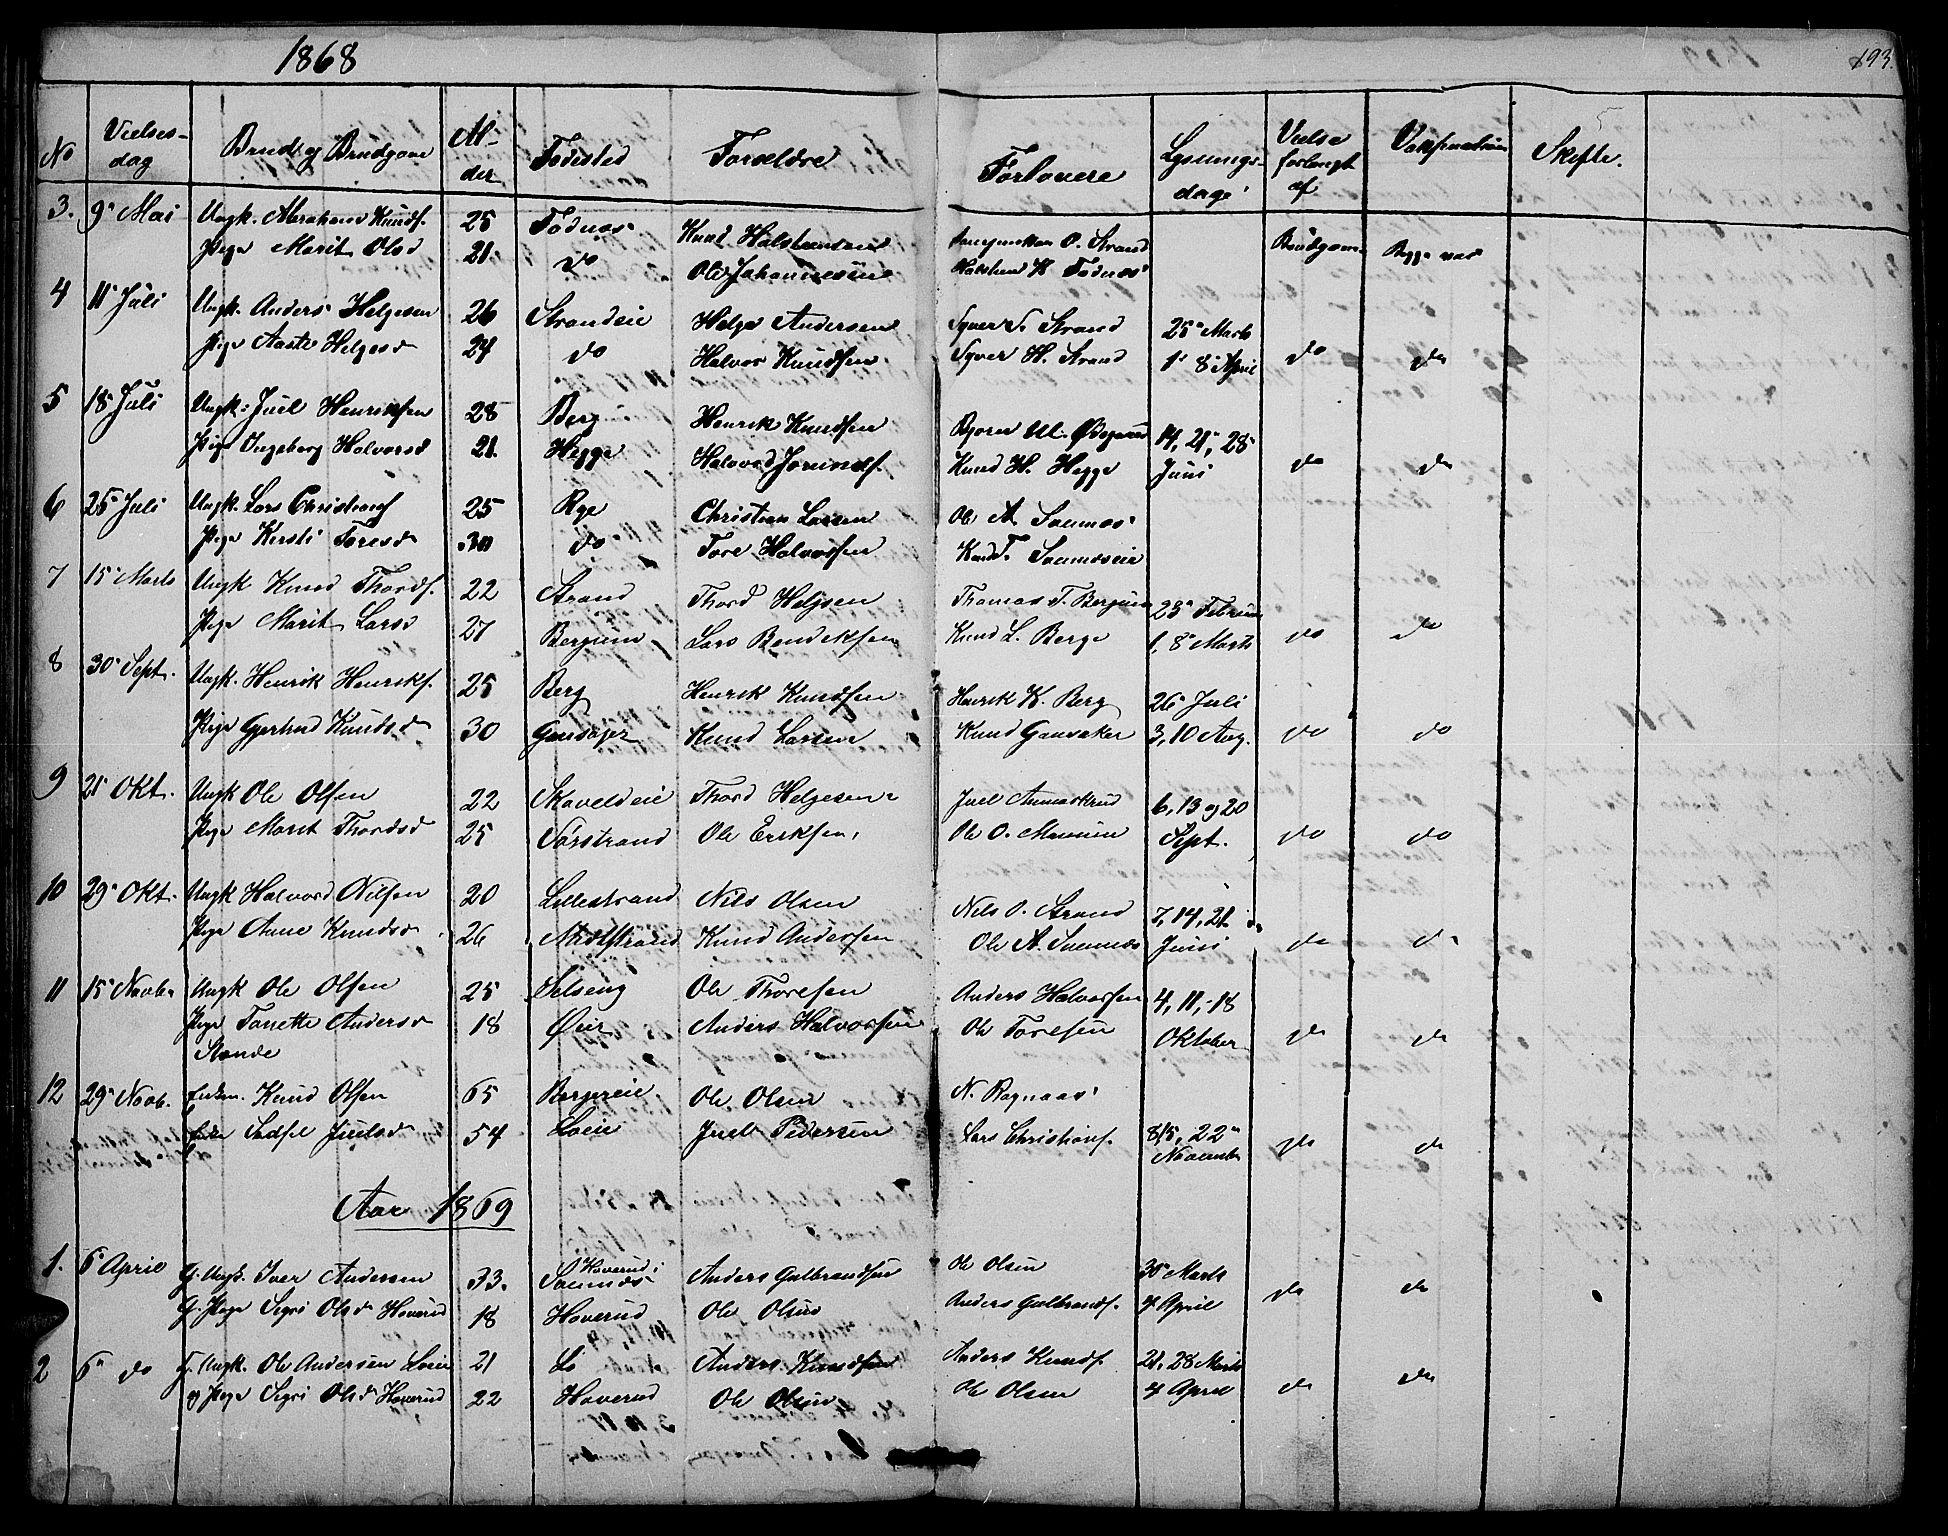 SAH, Nord-Aurdal prestekontor, Klokkerbok nr. 3, 1842-1882, s. 193